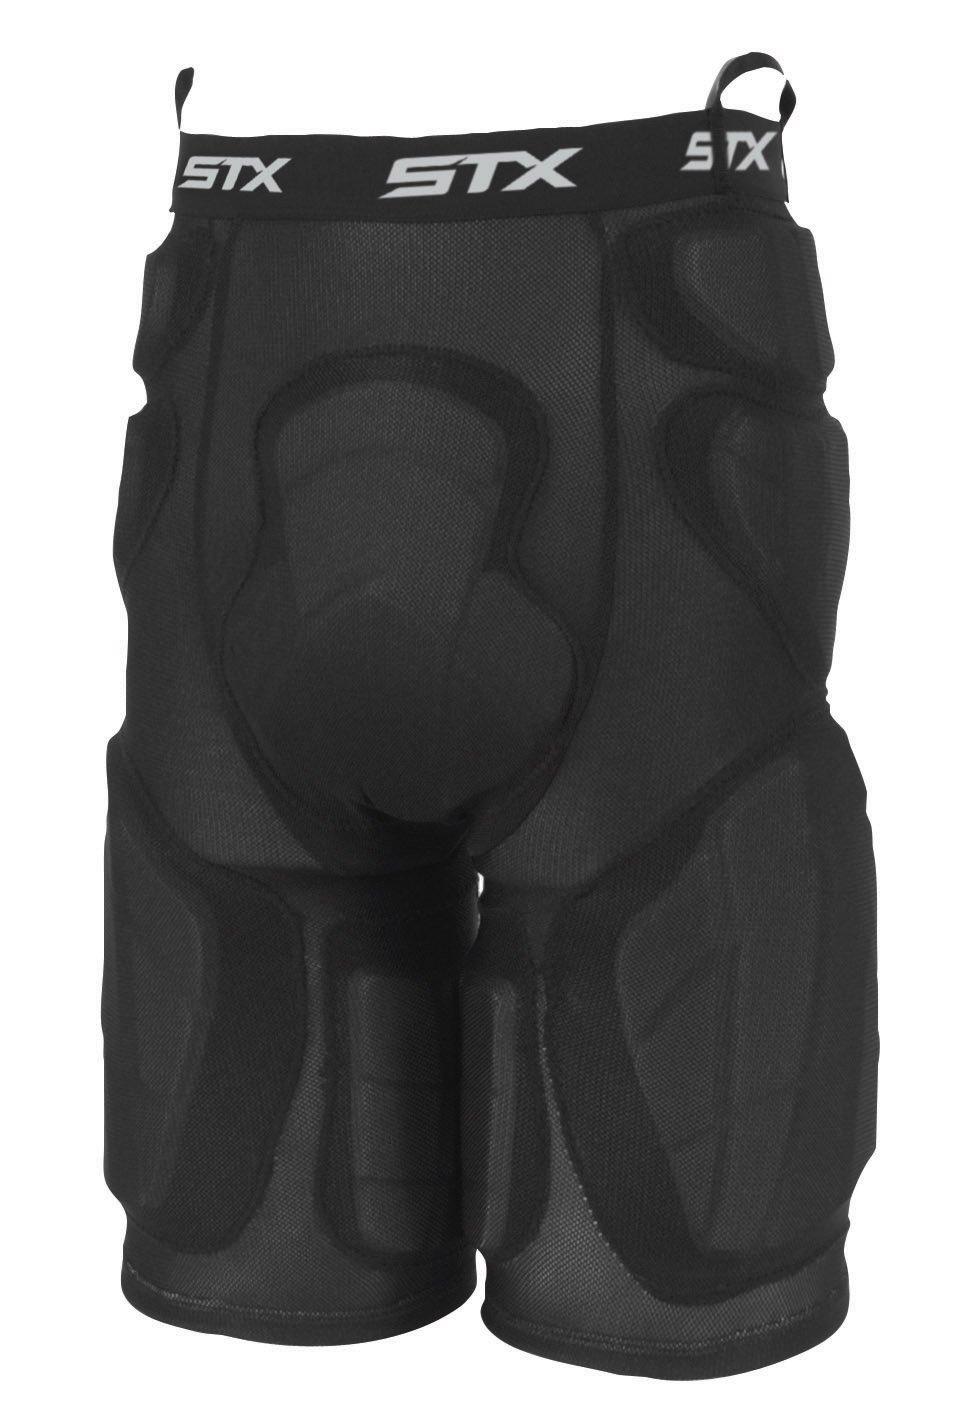 STXデラックスパッド入りラクロスゴールキーパーパンツ B002BB0GXM ブラック Medium